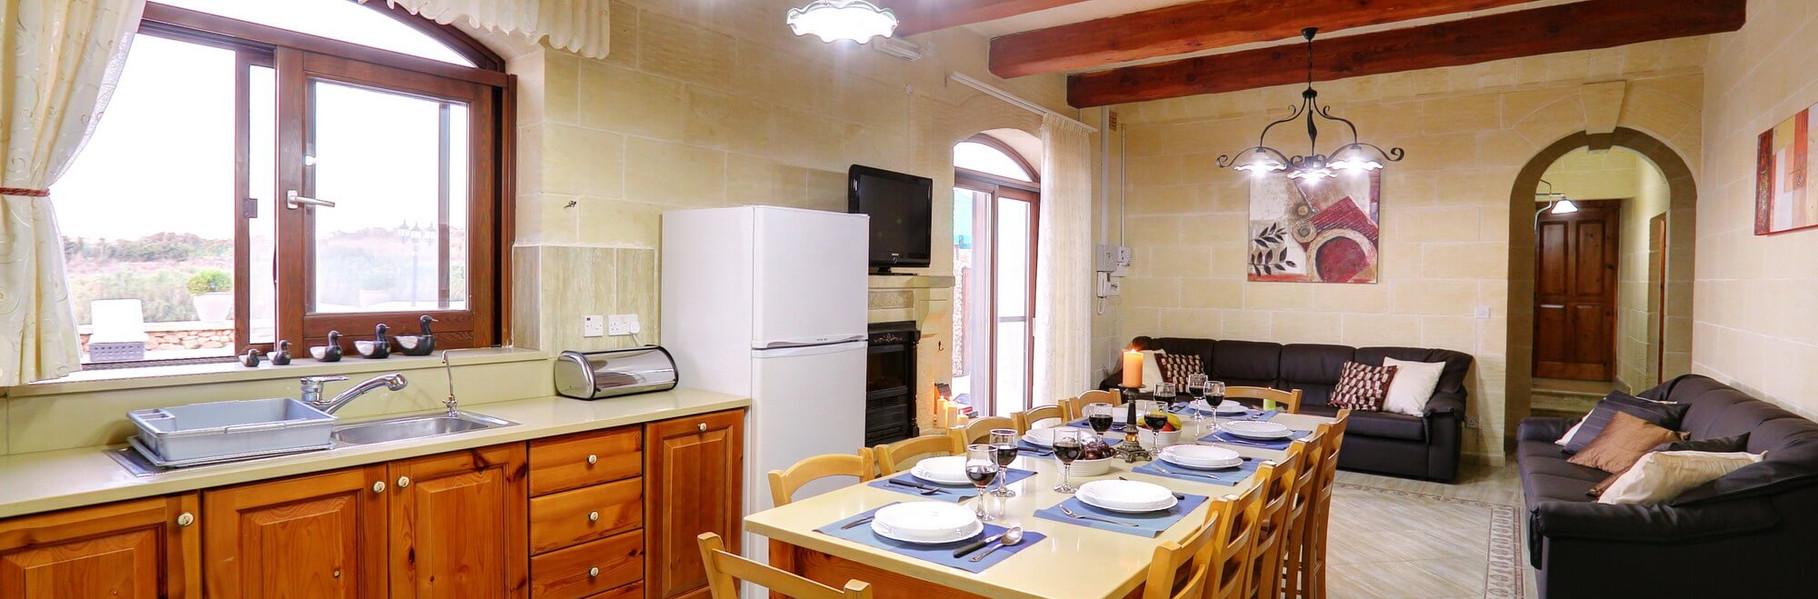 dining-kitchen-villa1.jpg